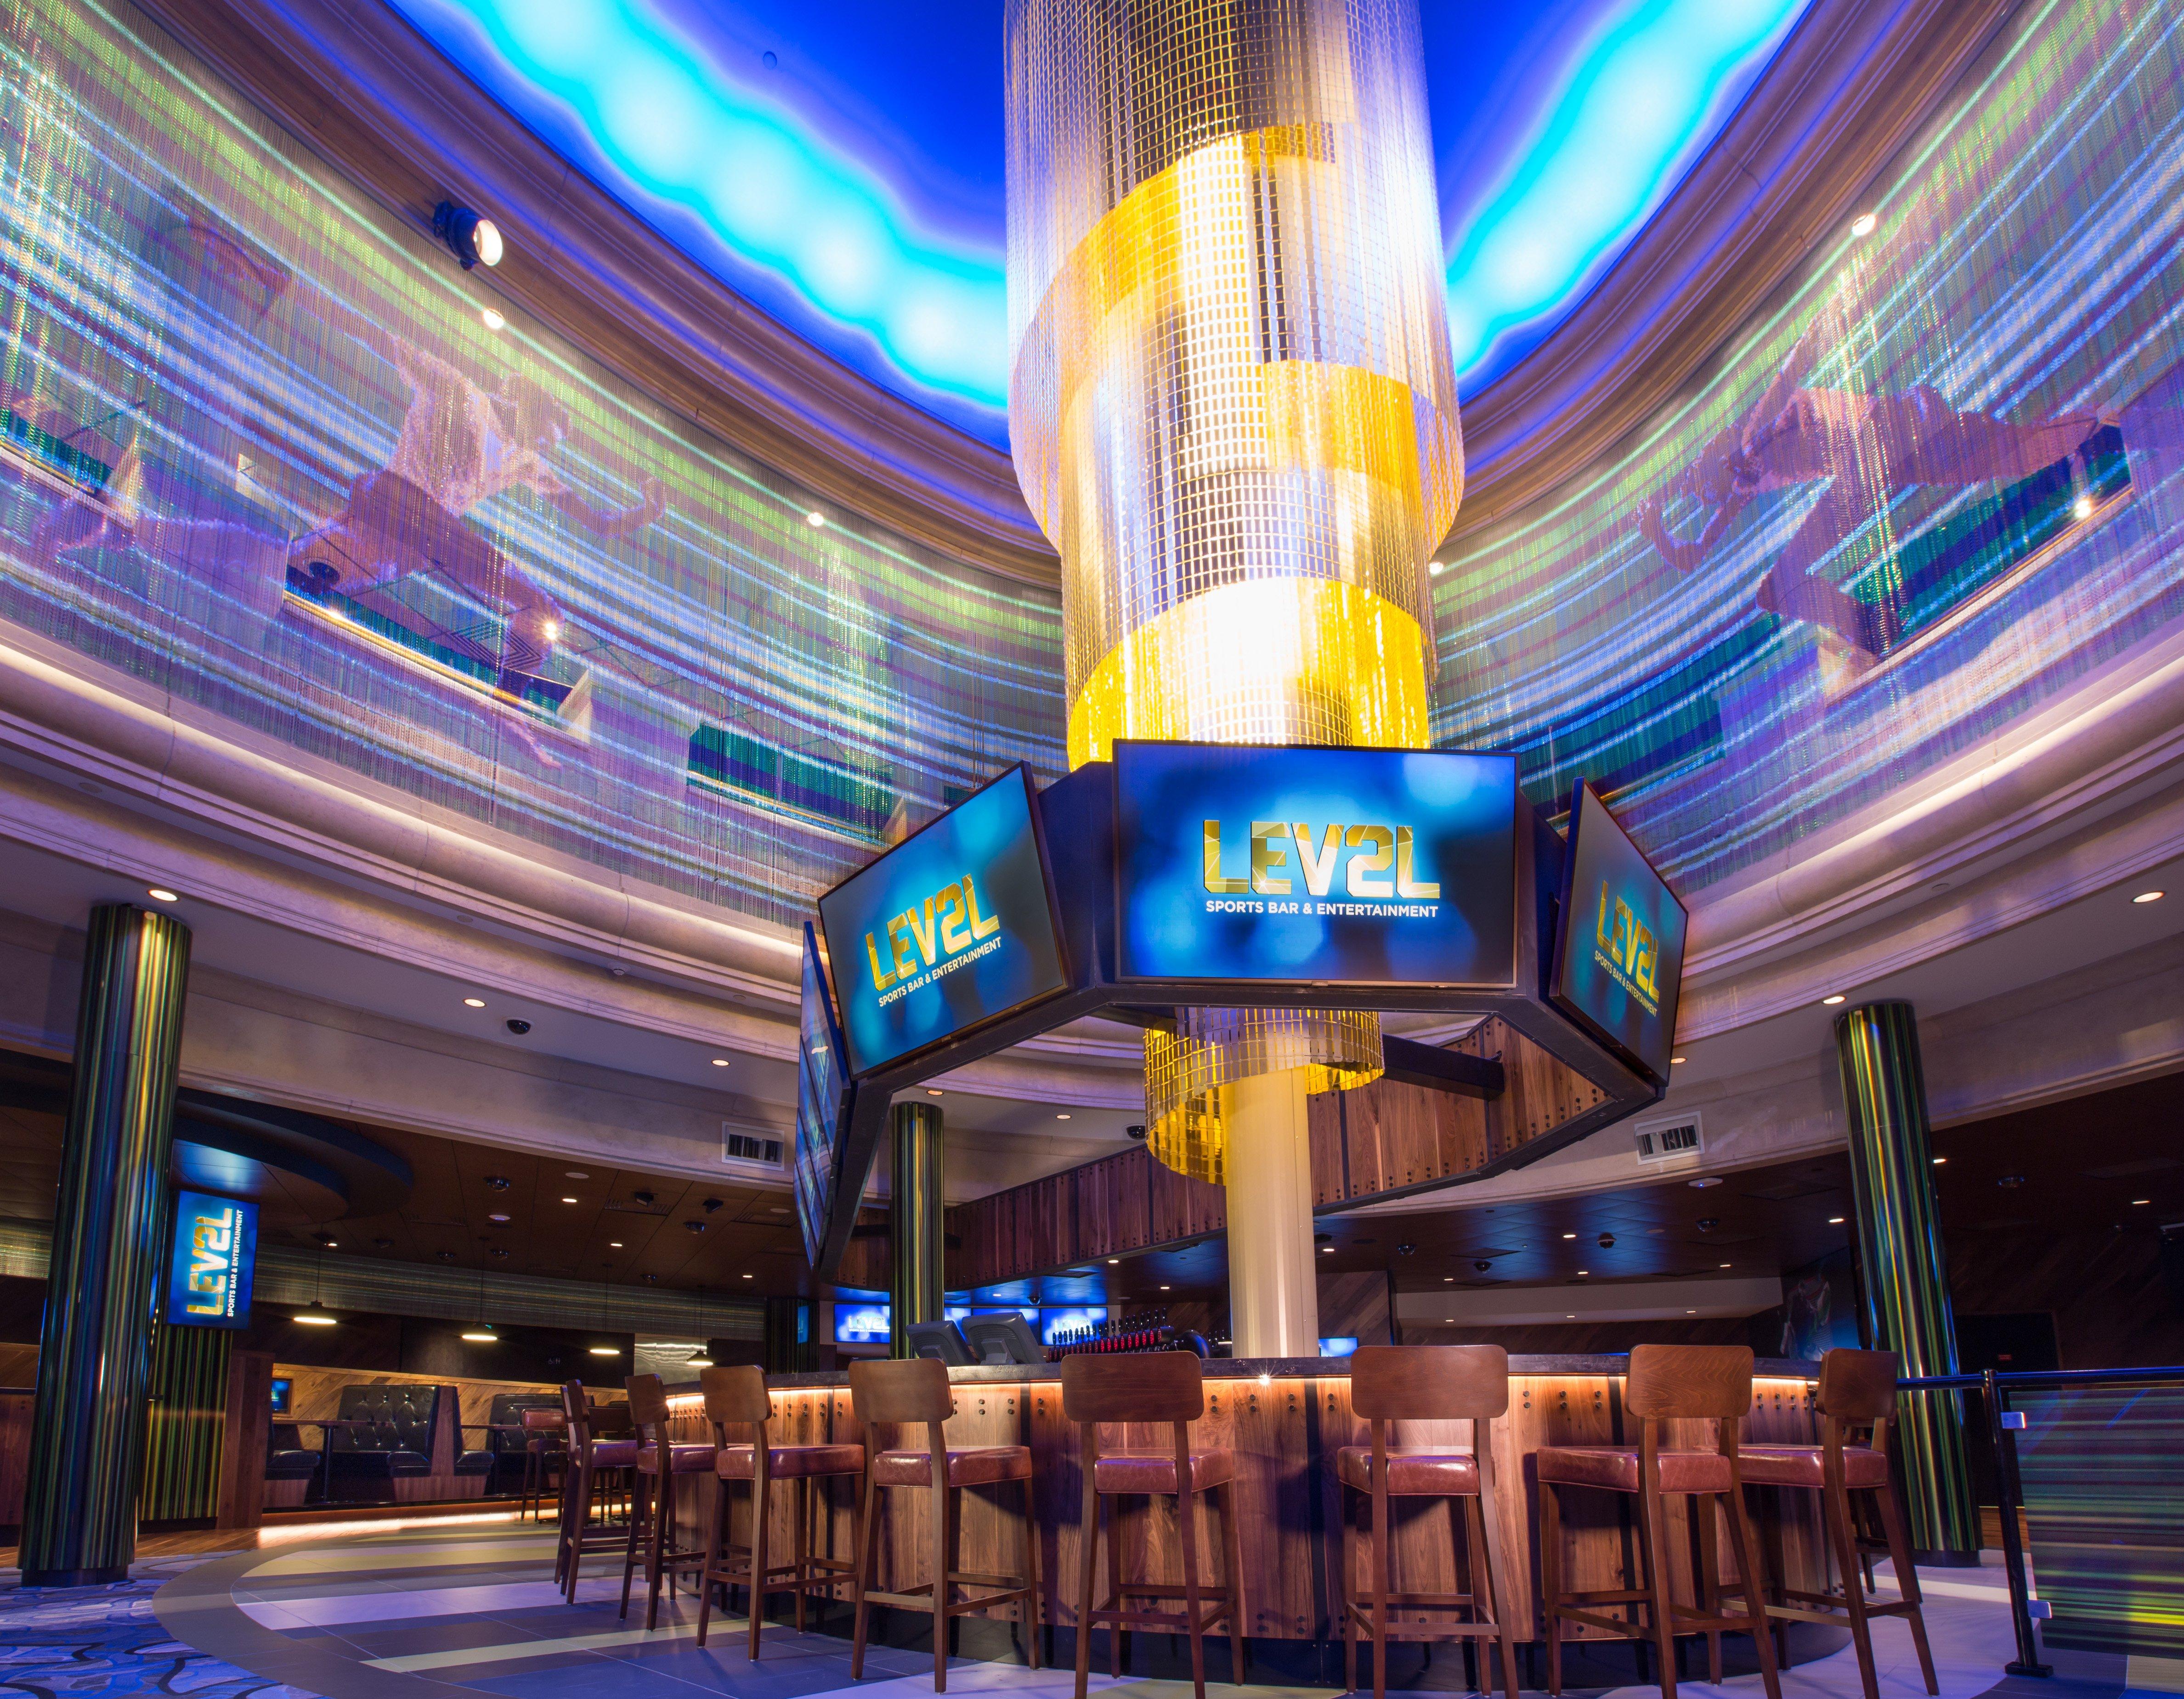 Casino niagra falls tet gambling game